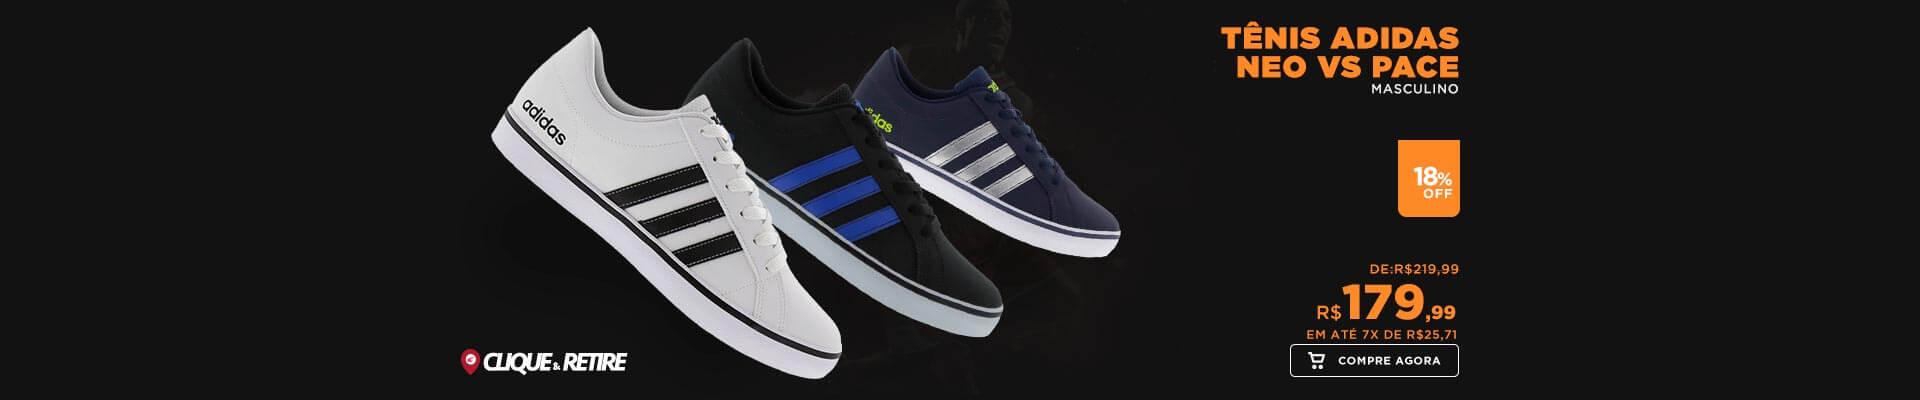 Tênis adidas Neo VS Pace